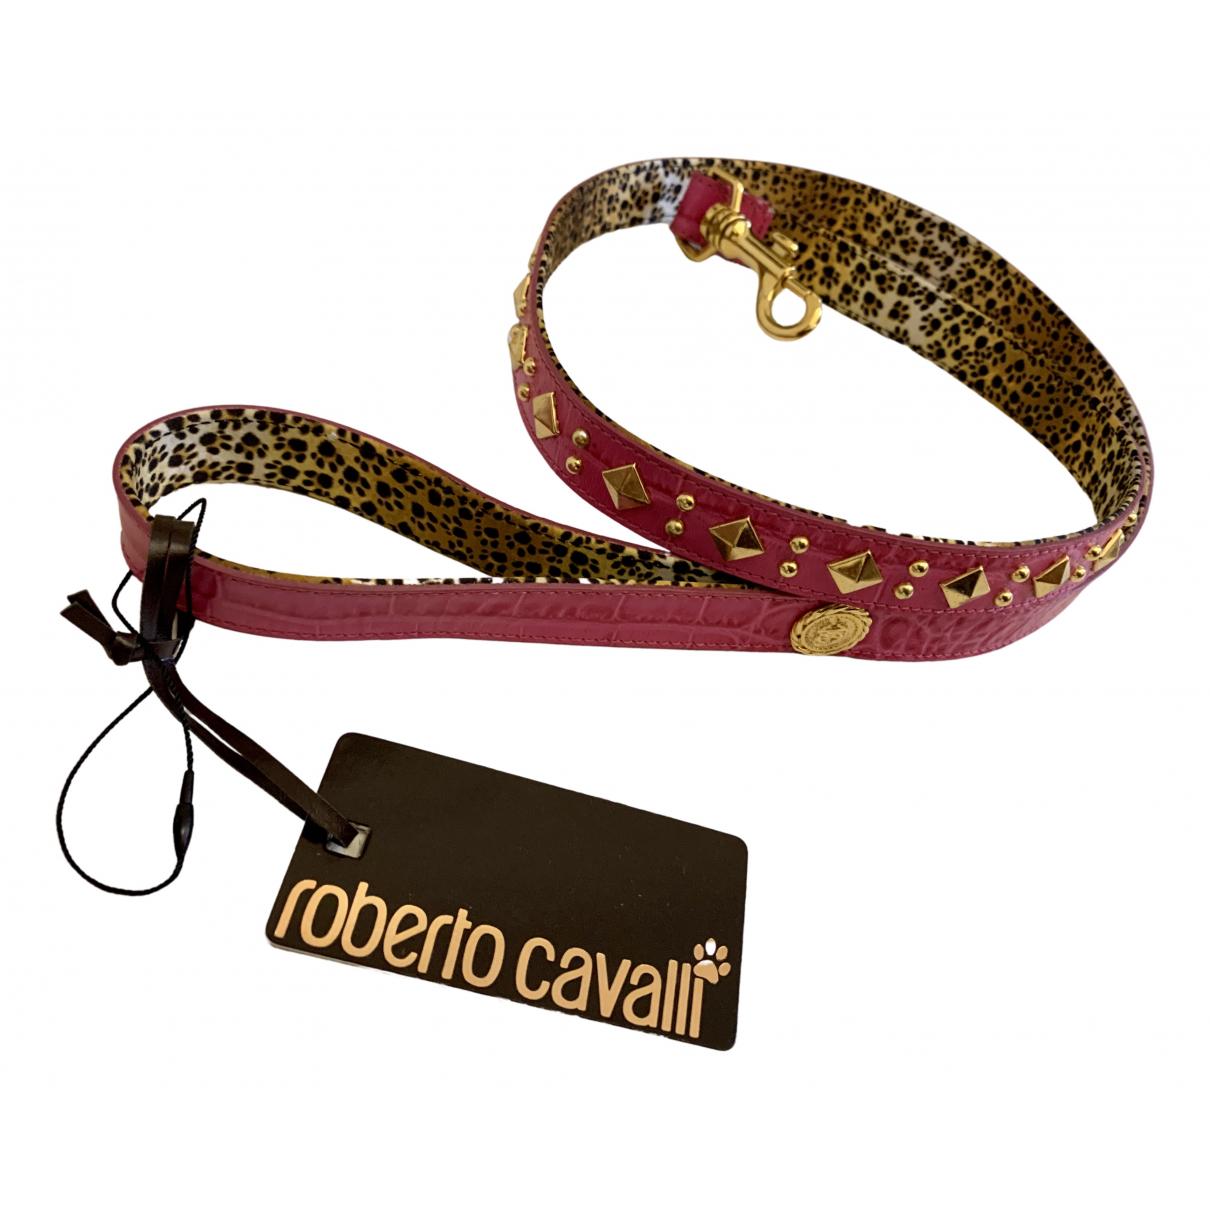 Roberto Cavalli - Accessoires   pour lifestyle en autre - rose